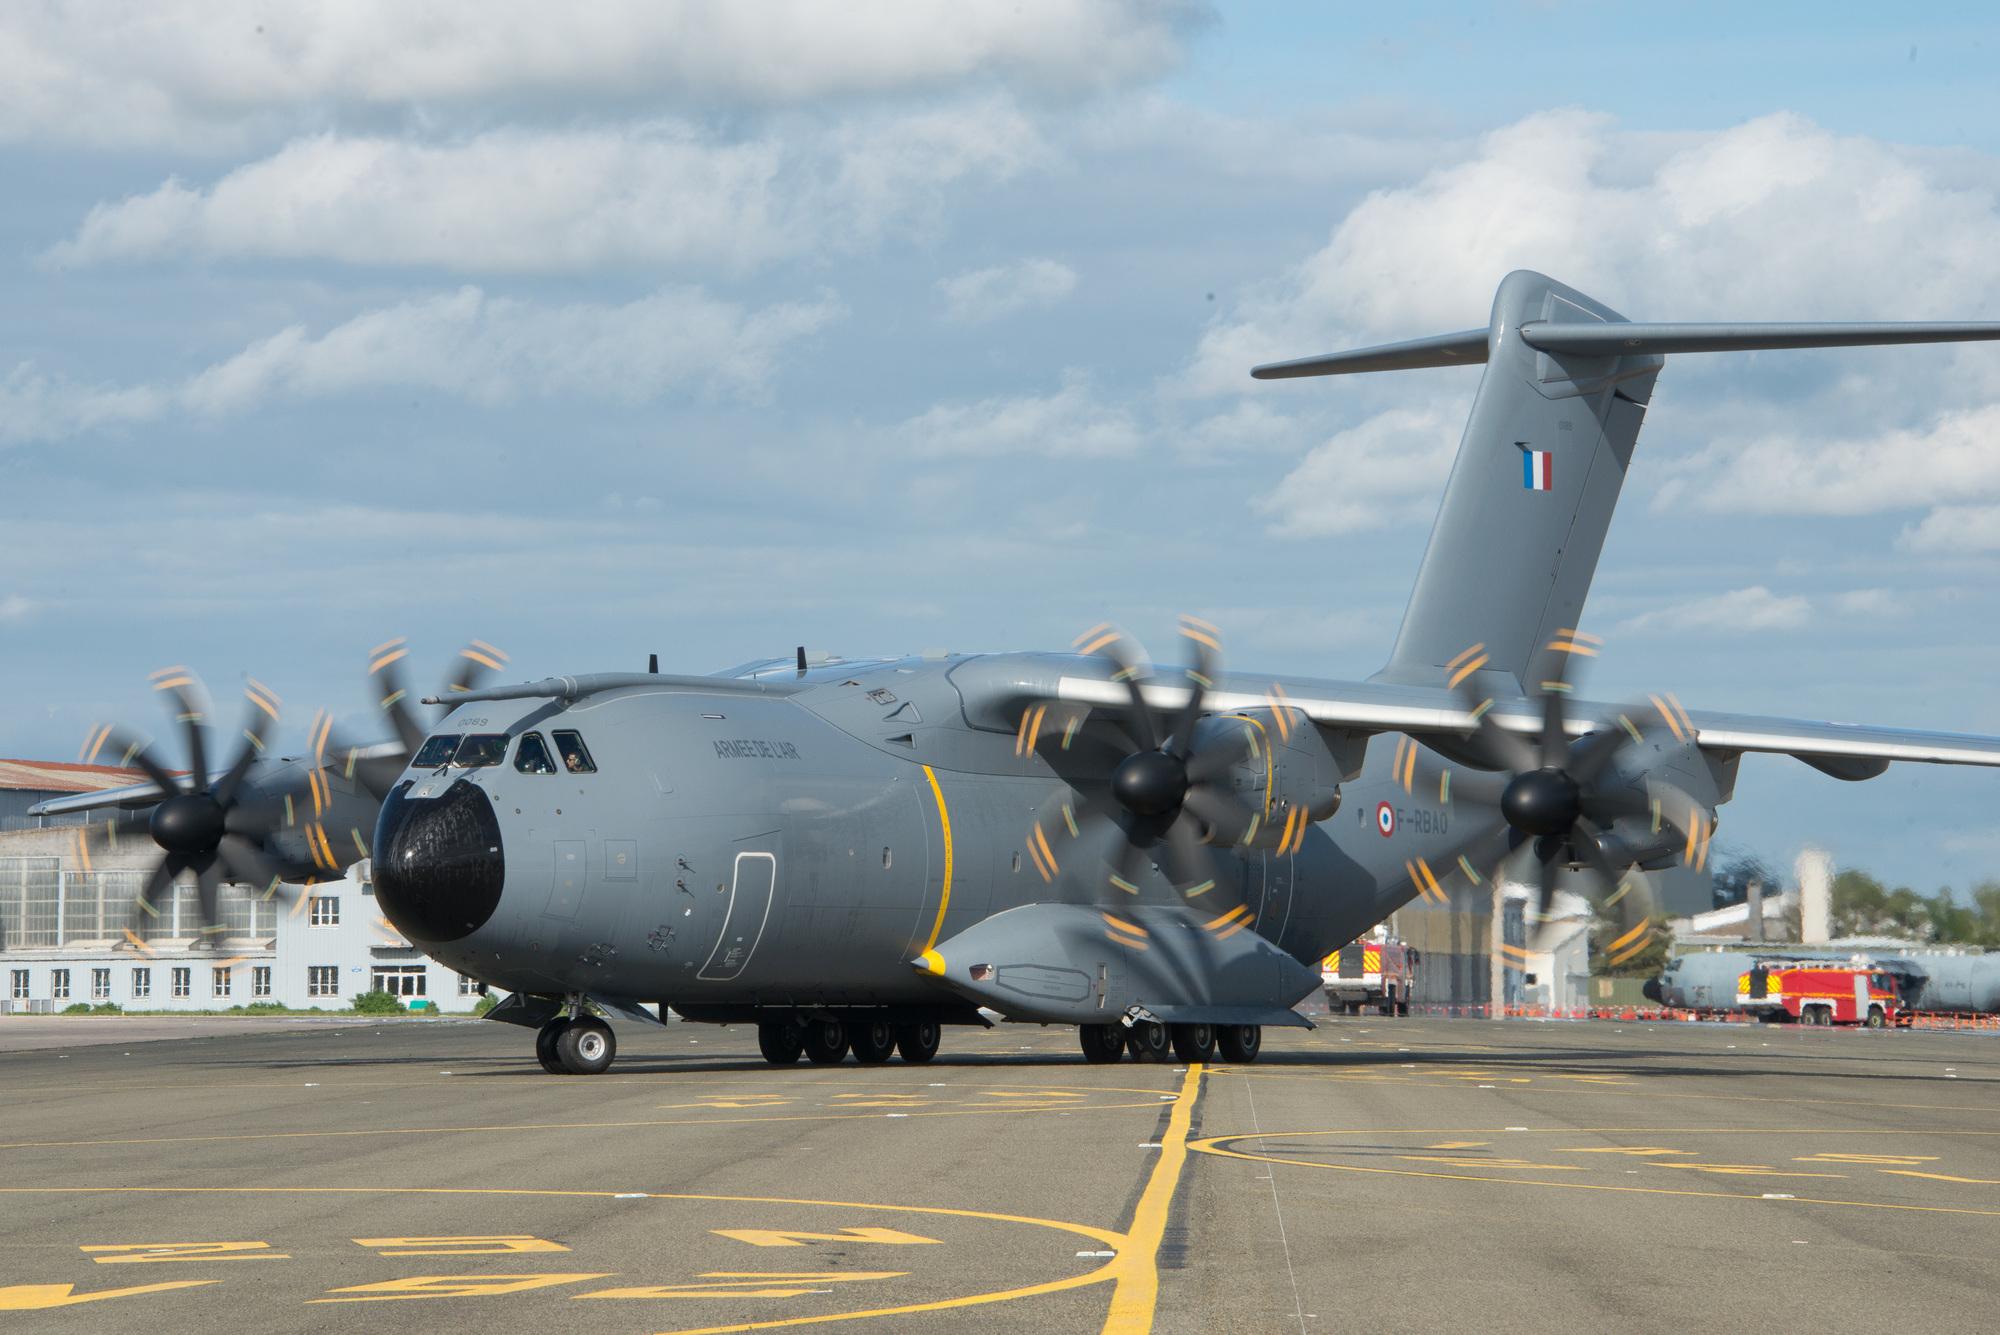 Un avion militaire français. Droits : © Armée de l'air/France